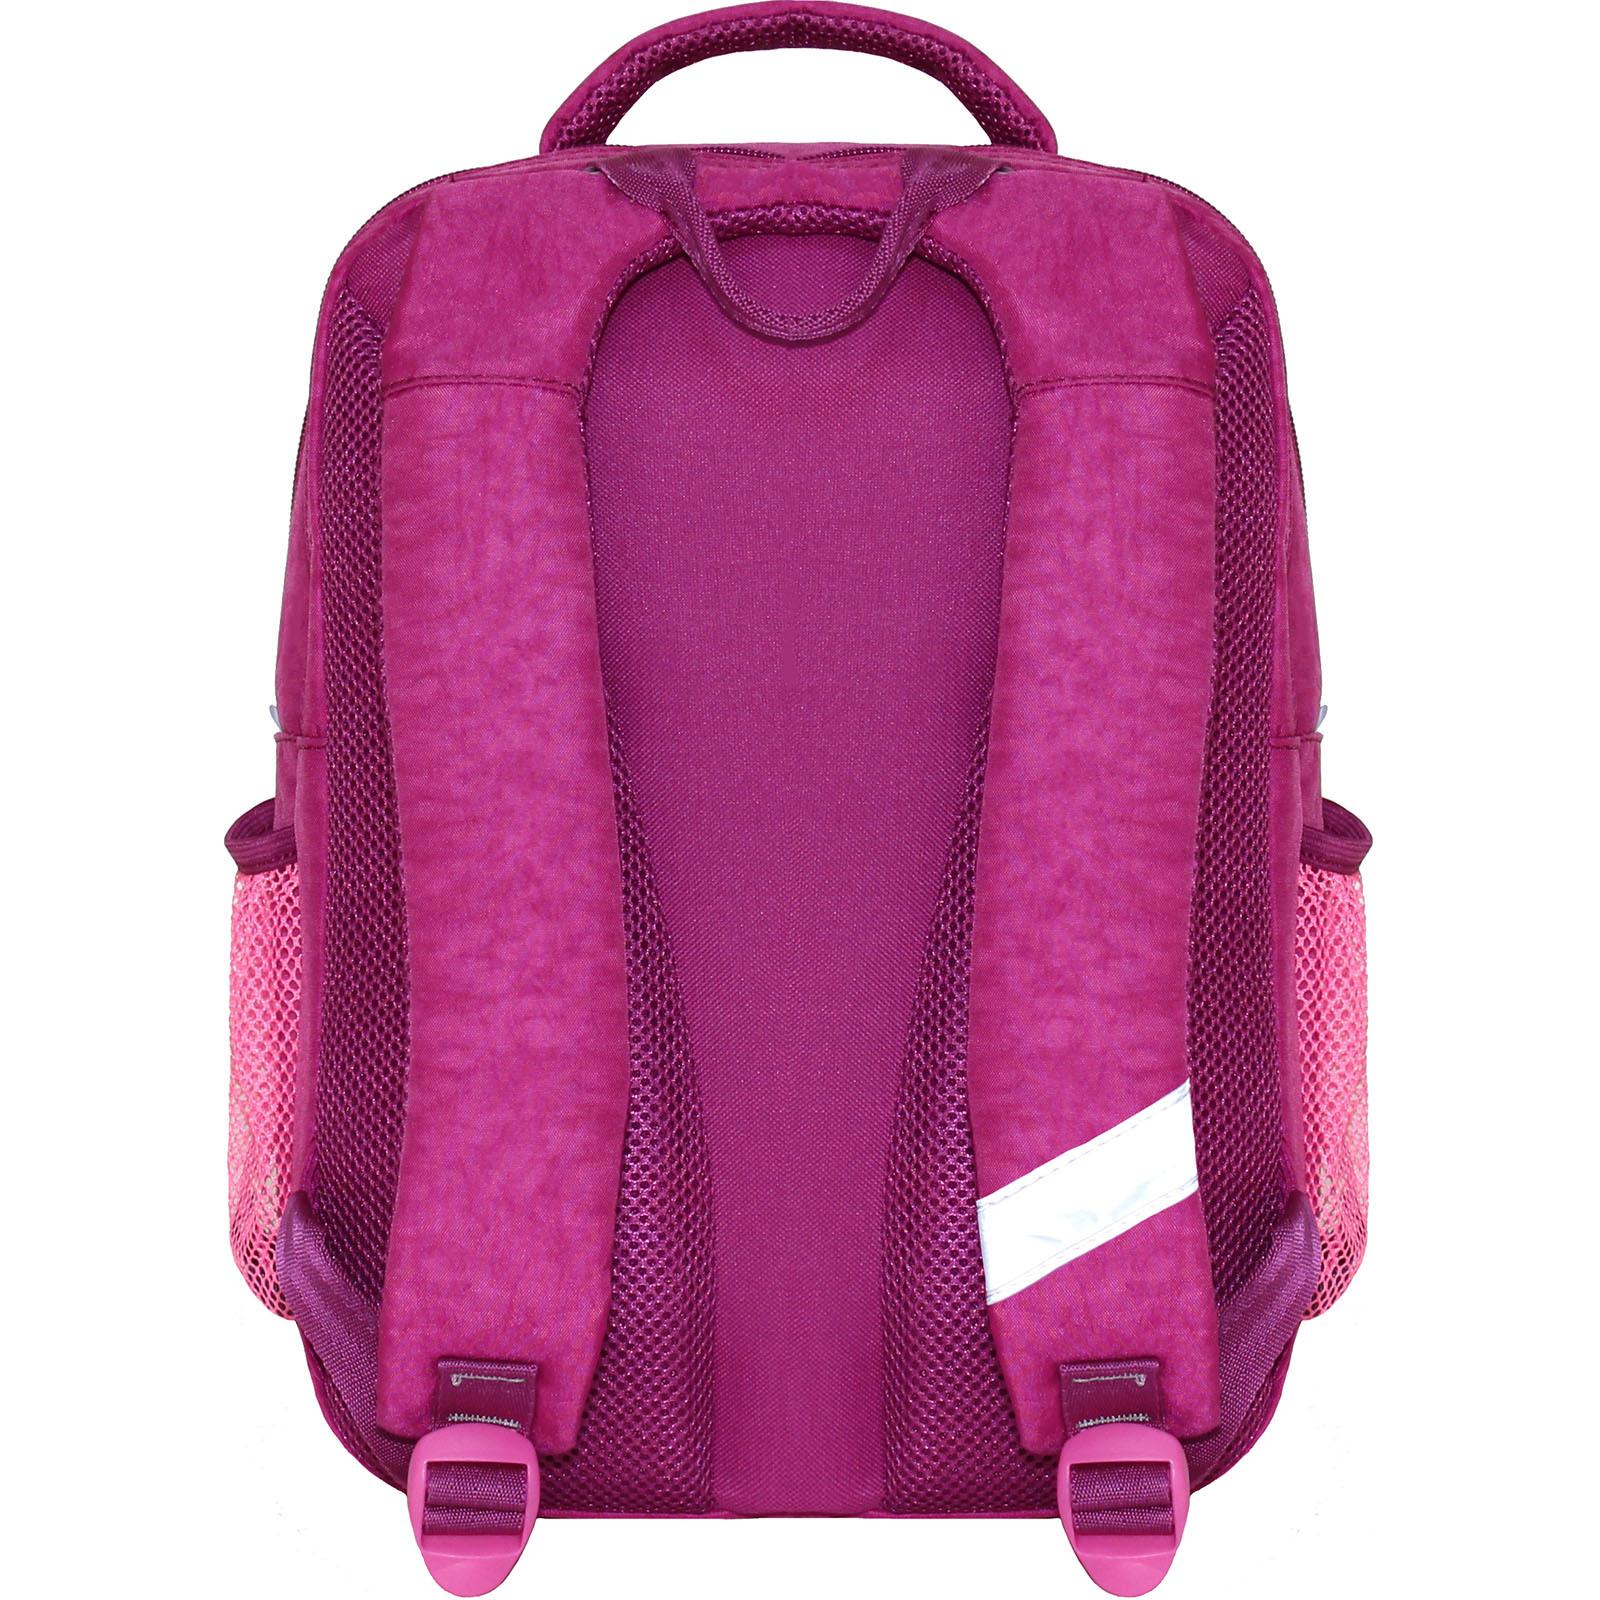 Рюкзак школьный Bagland Школьник 8 л. 143 малиновый 504 (0012870) фото 3